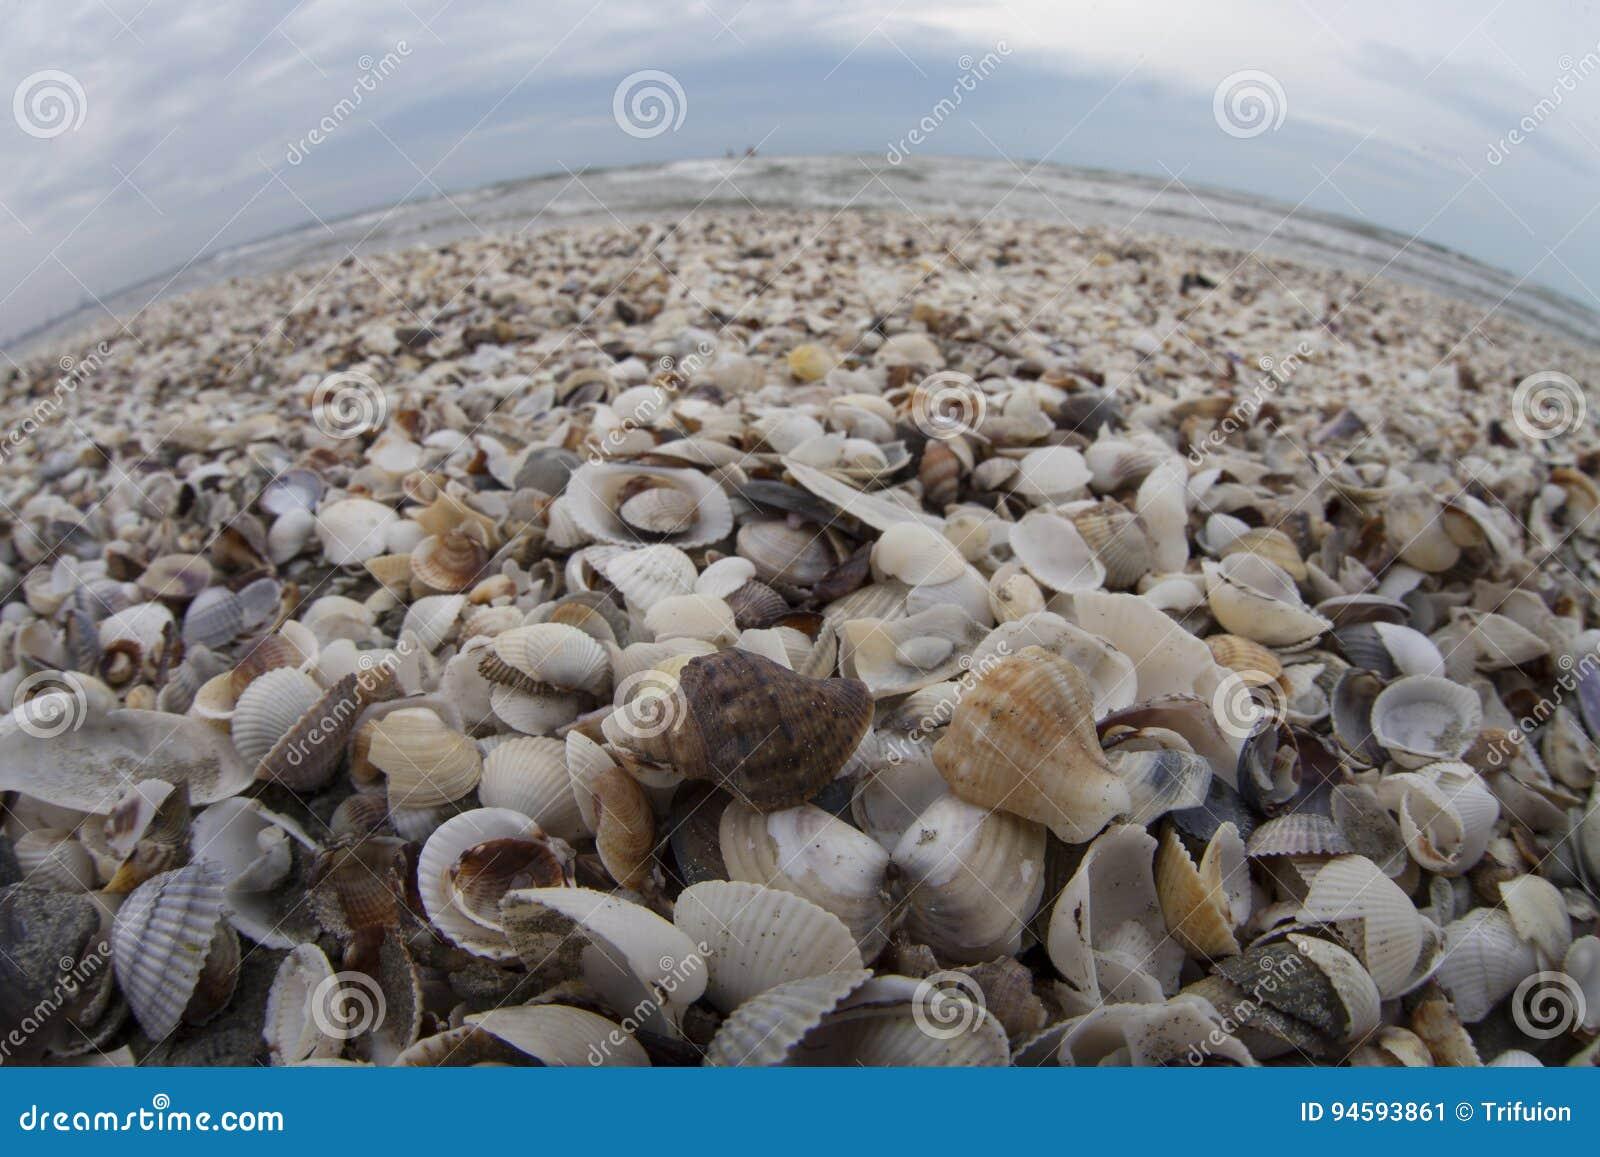 Sea of shells